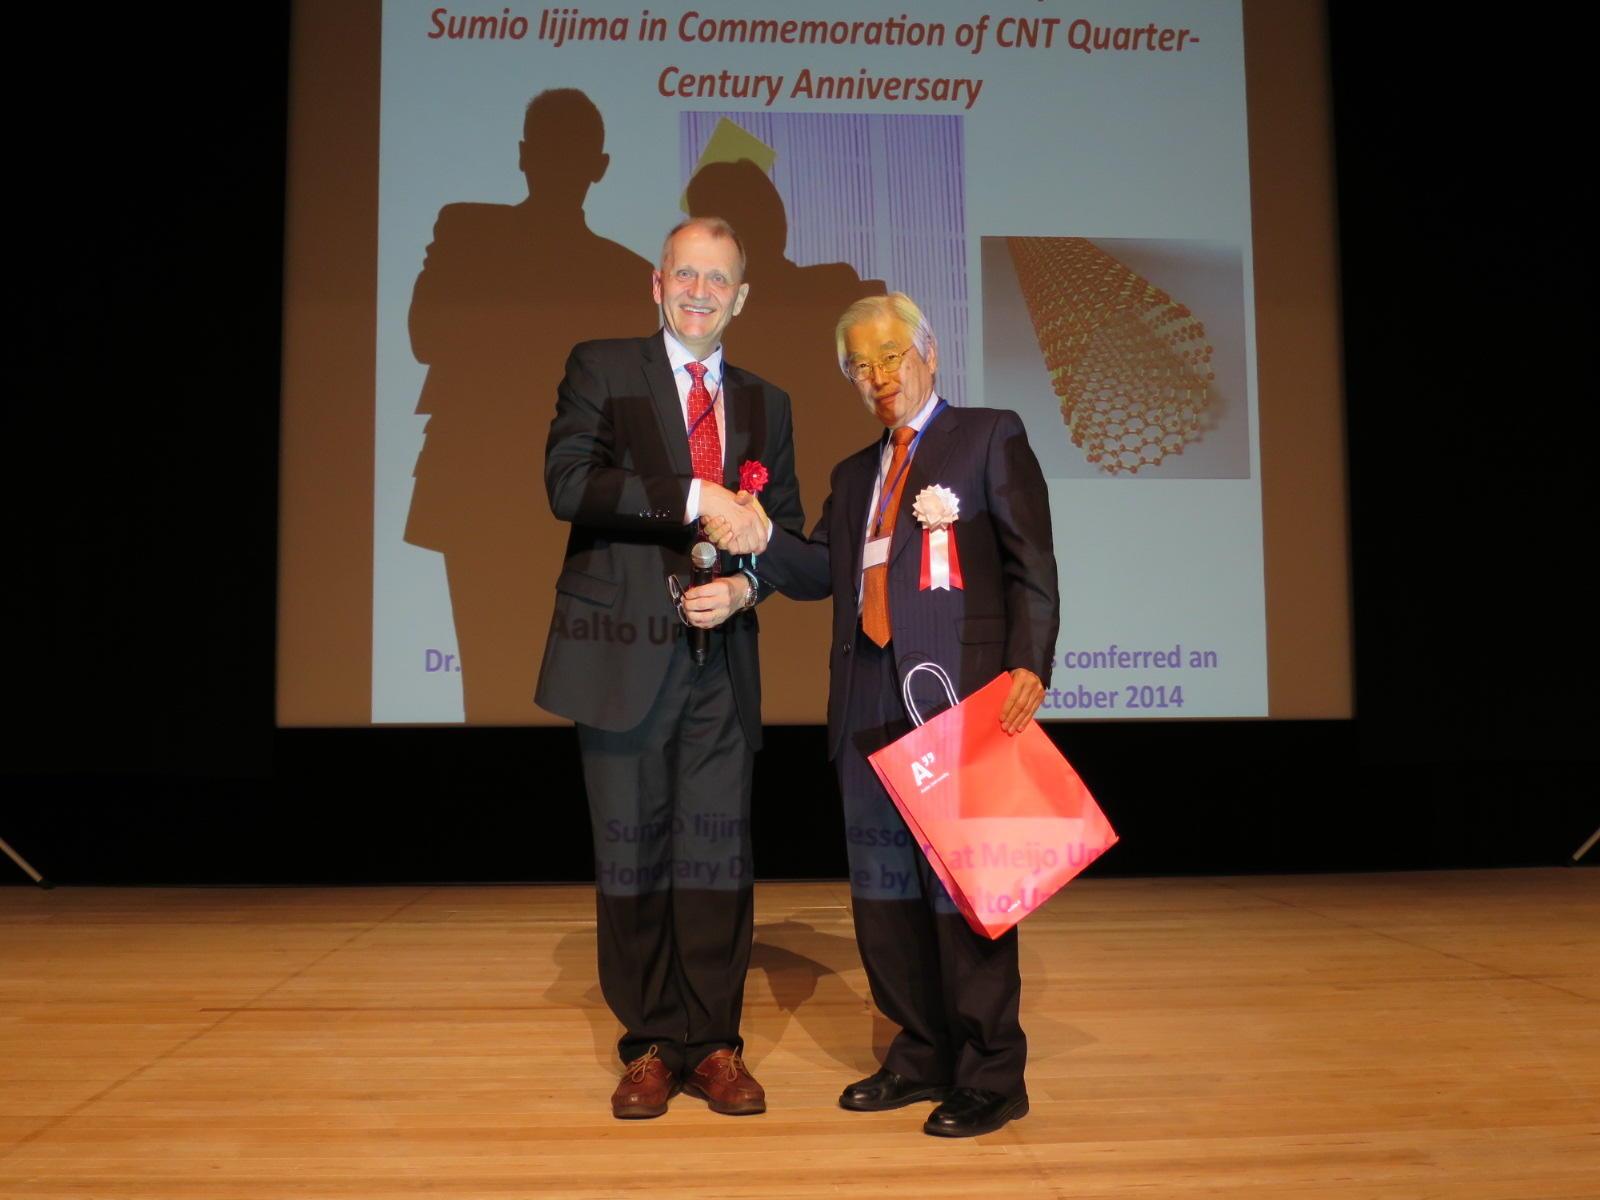 2016年11月のカーボンナノチューブ発見25周年の国際会議で握手する飯島終身教授(右)とカウピネン氏